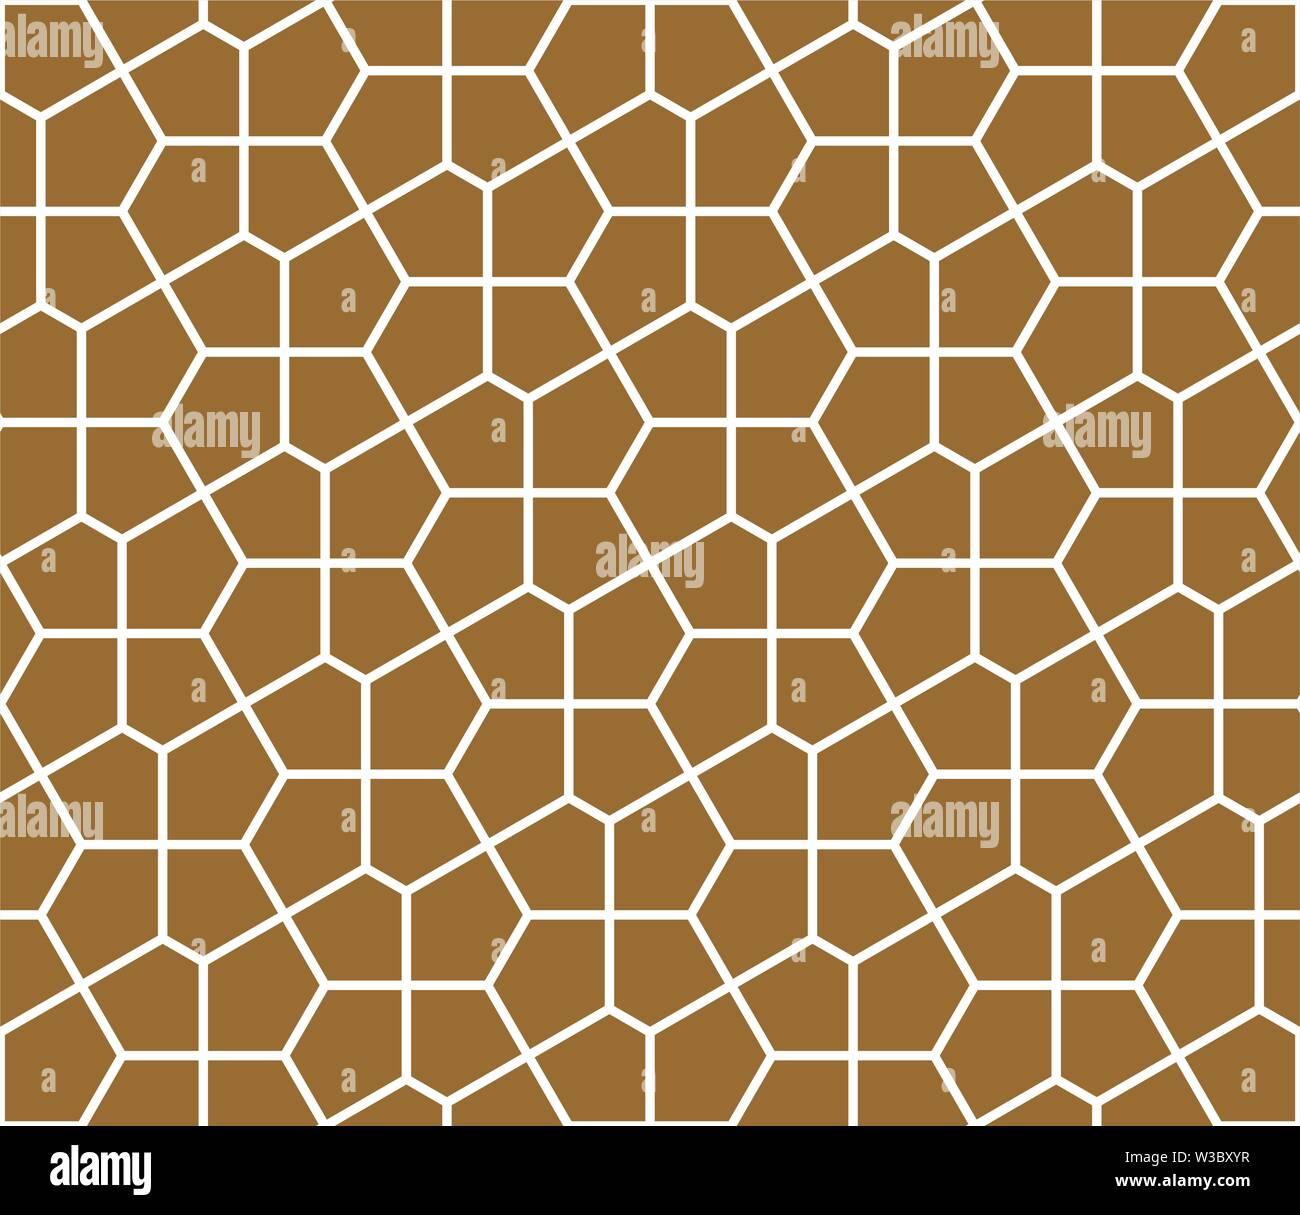 Nahtlose geometrische Verzierung auf traditionelle arabische Kunst. muslimischen Mosaik. Braune Farbe Hintergrund. Die durchschnittliche Dicke. Stockbild